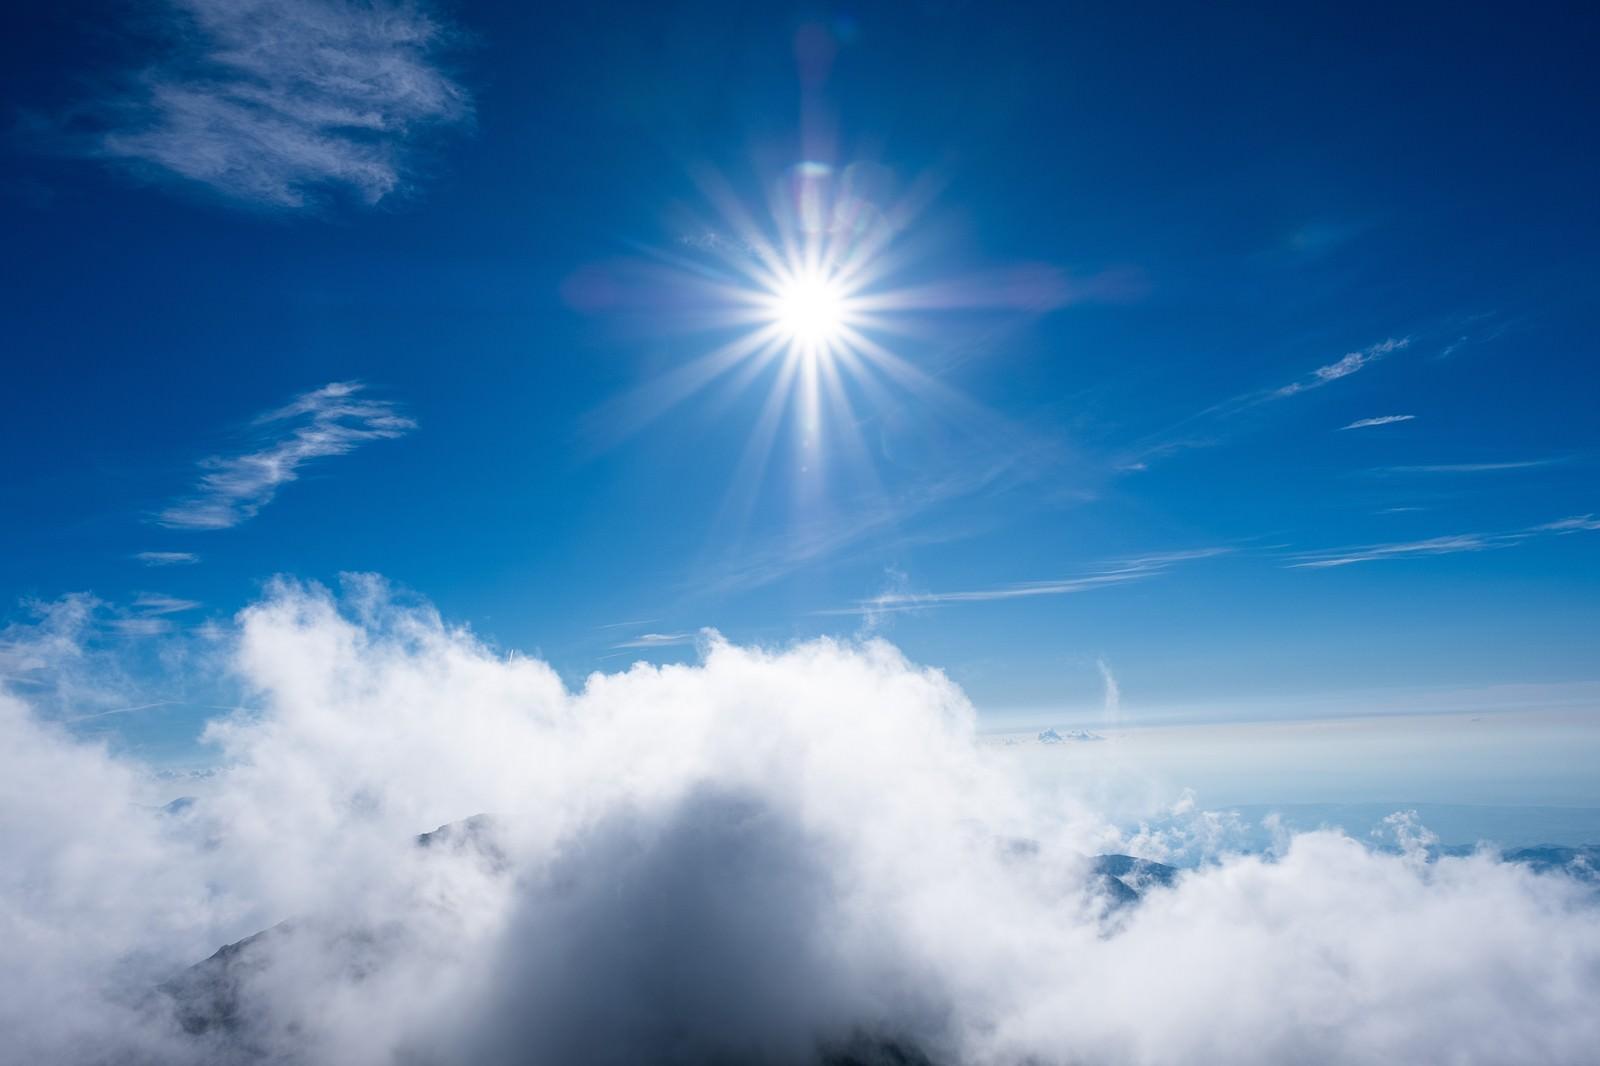 「上空の強い日差しと青空」の写真